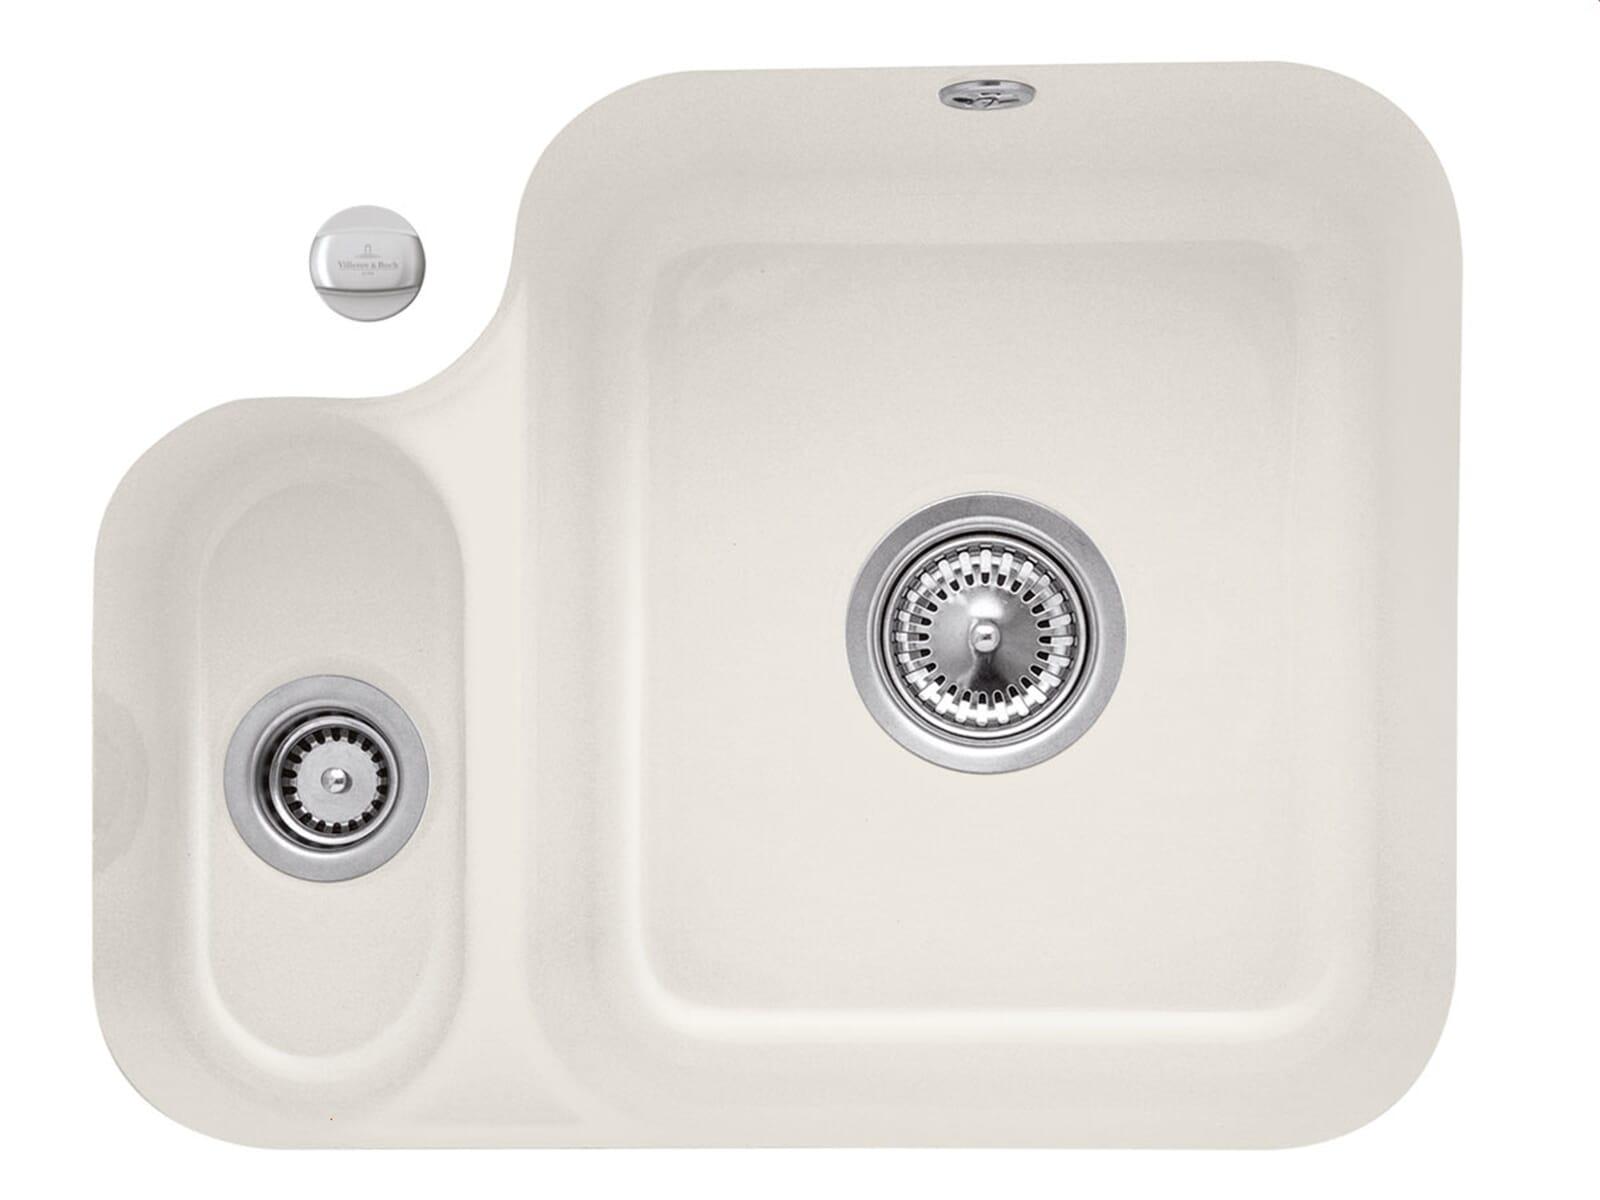 Villeroy & Boch Cisterna 60B Crema - 6702 02 KR Keramikspüle Exzenterbetätigung